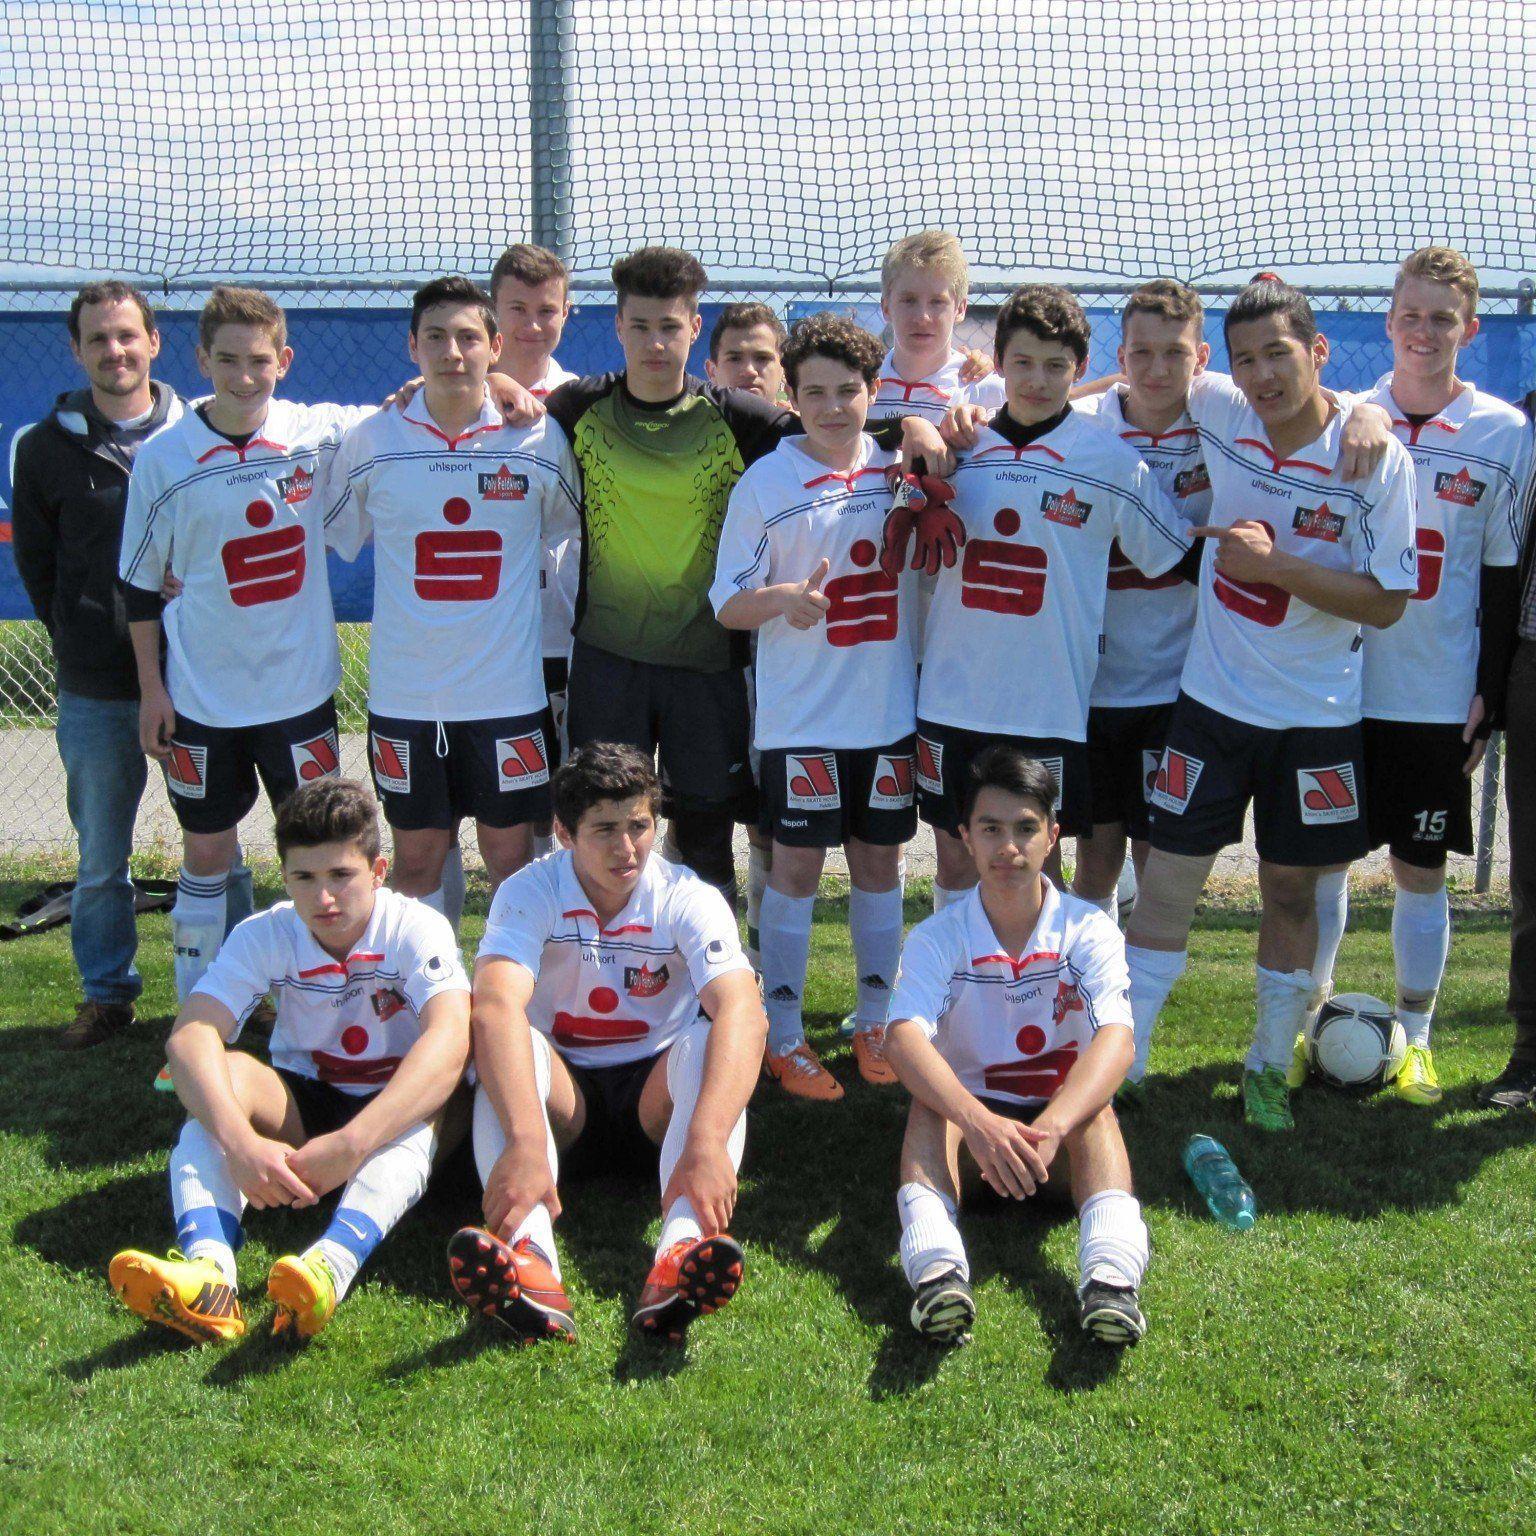 Die Schüler der Polytechnischen Schule Feldkirch holten den Fußball-Poly-Cup.